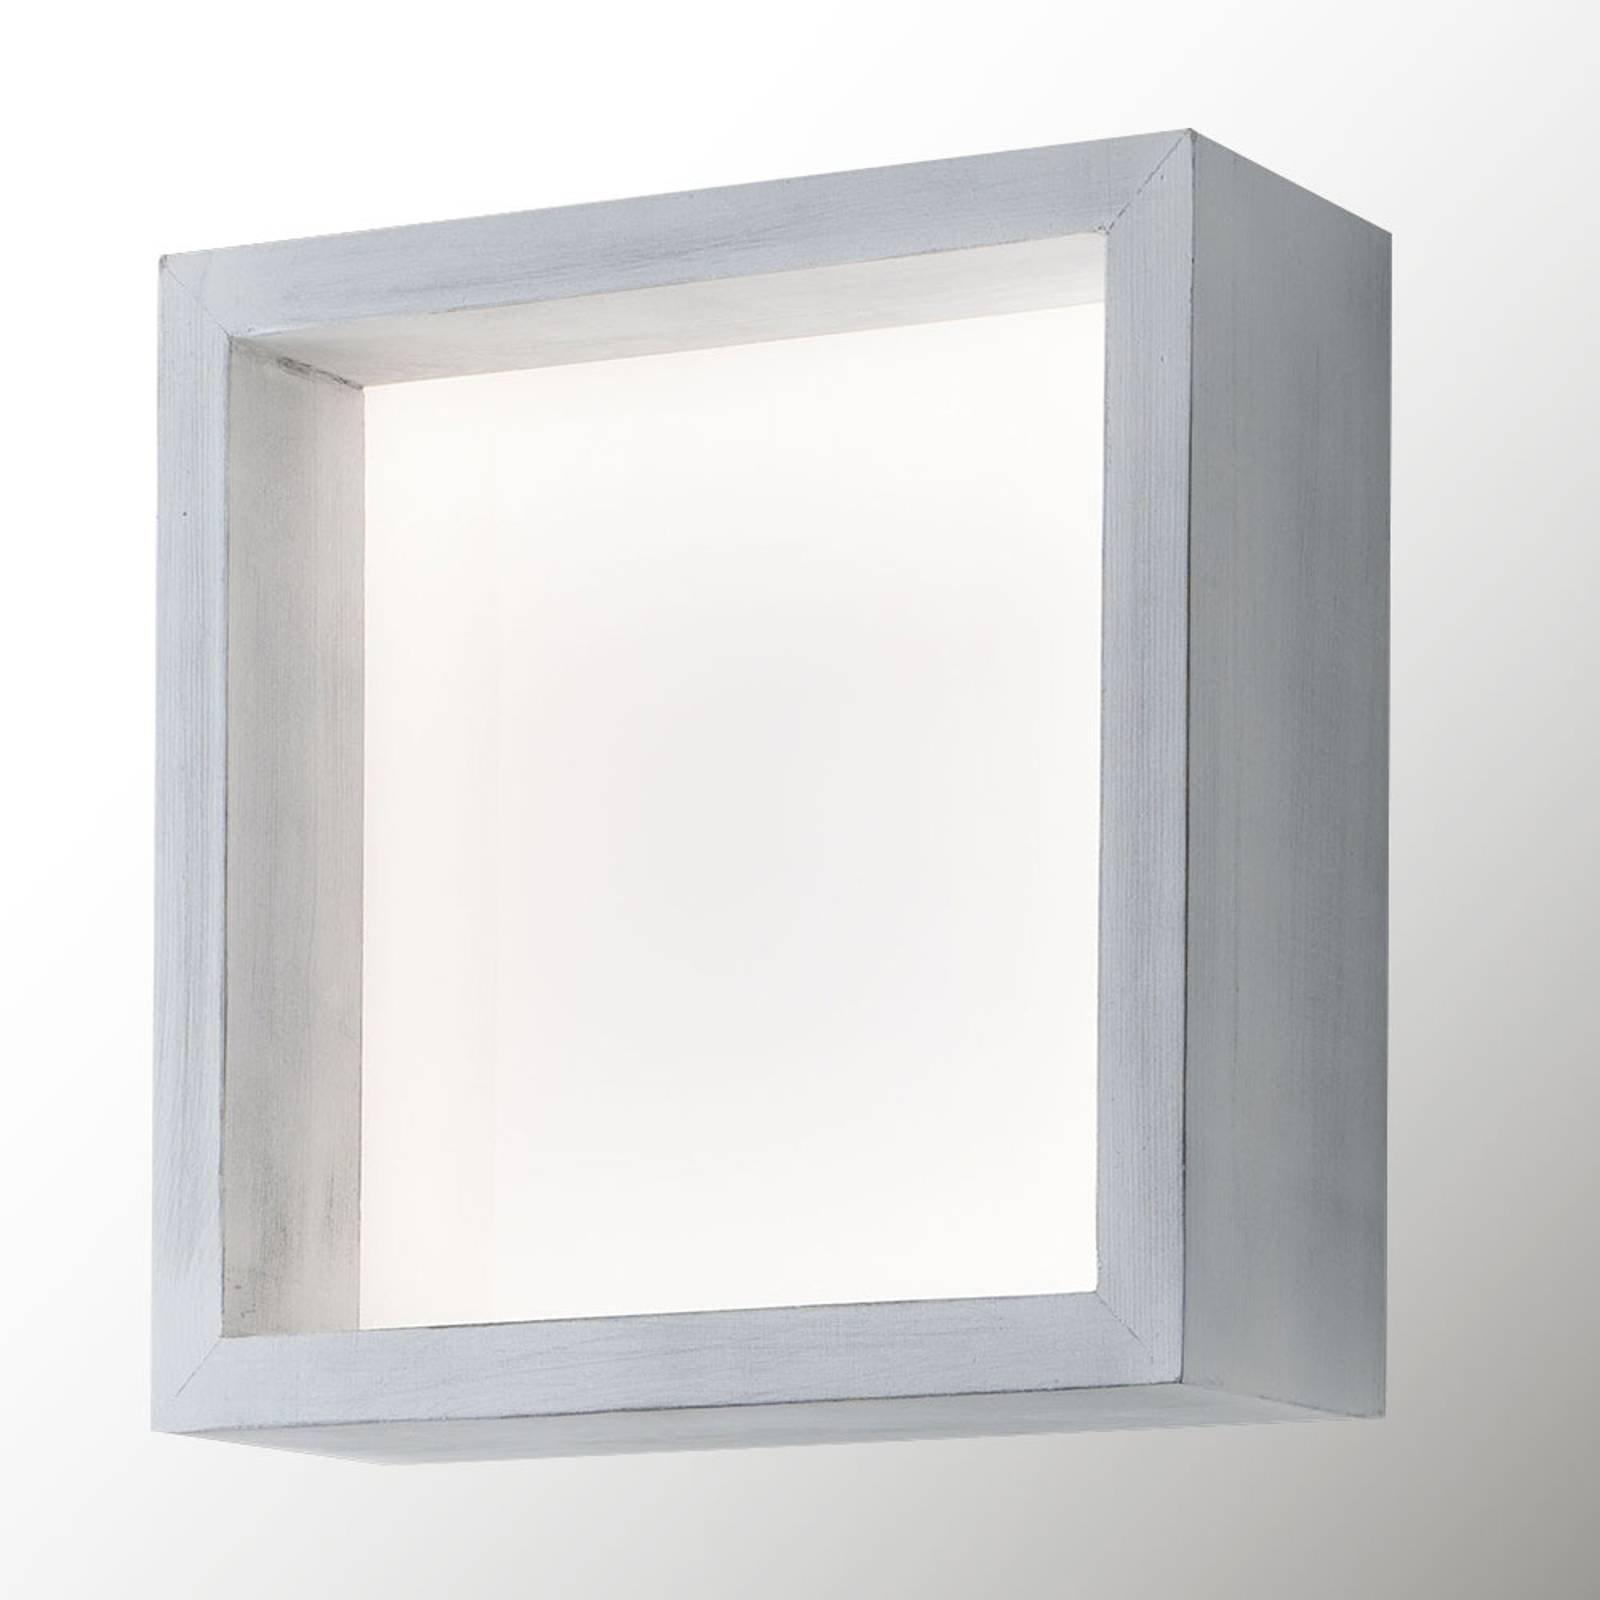 LED-vegglampe Window, 37 x 37 cm, vintage hvit